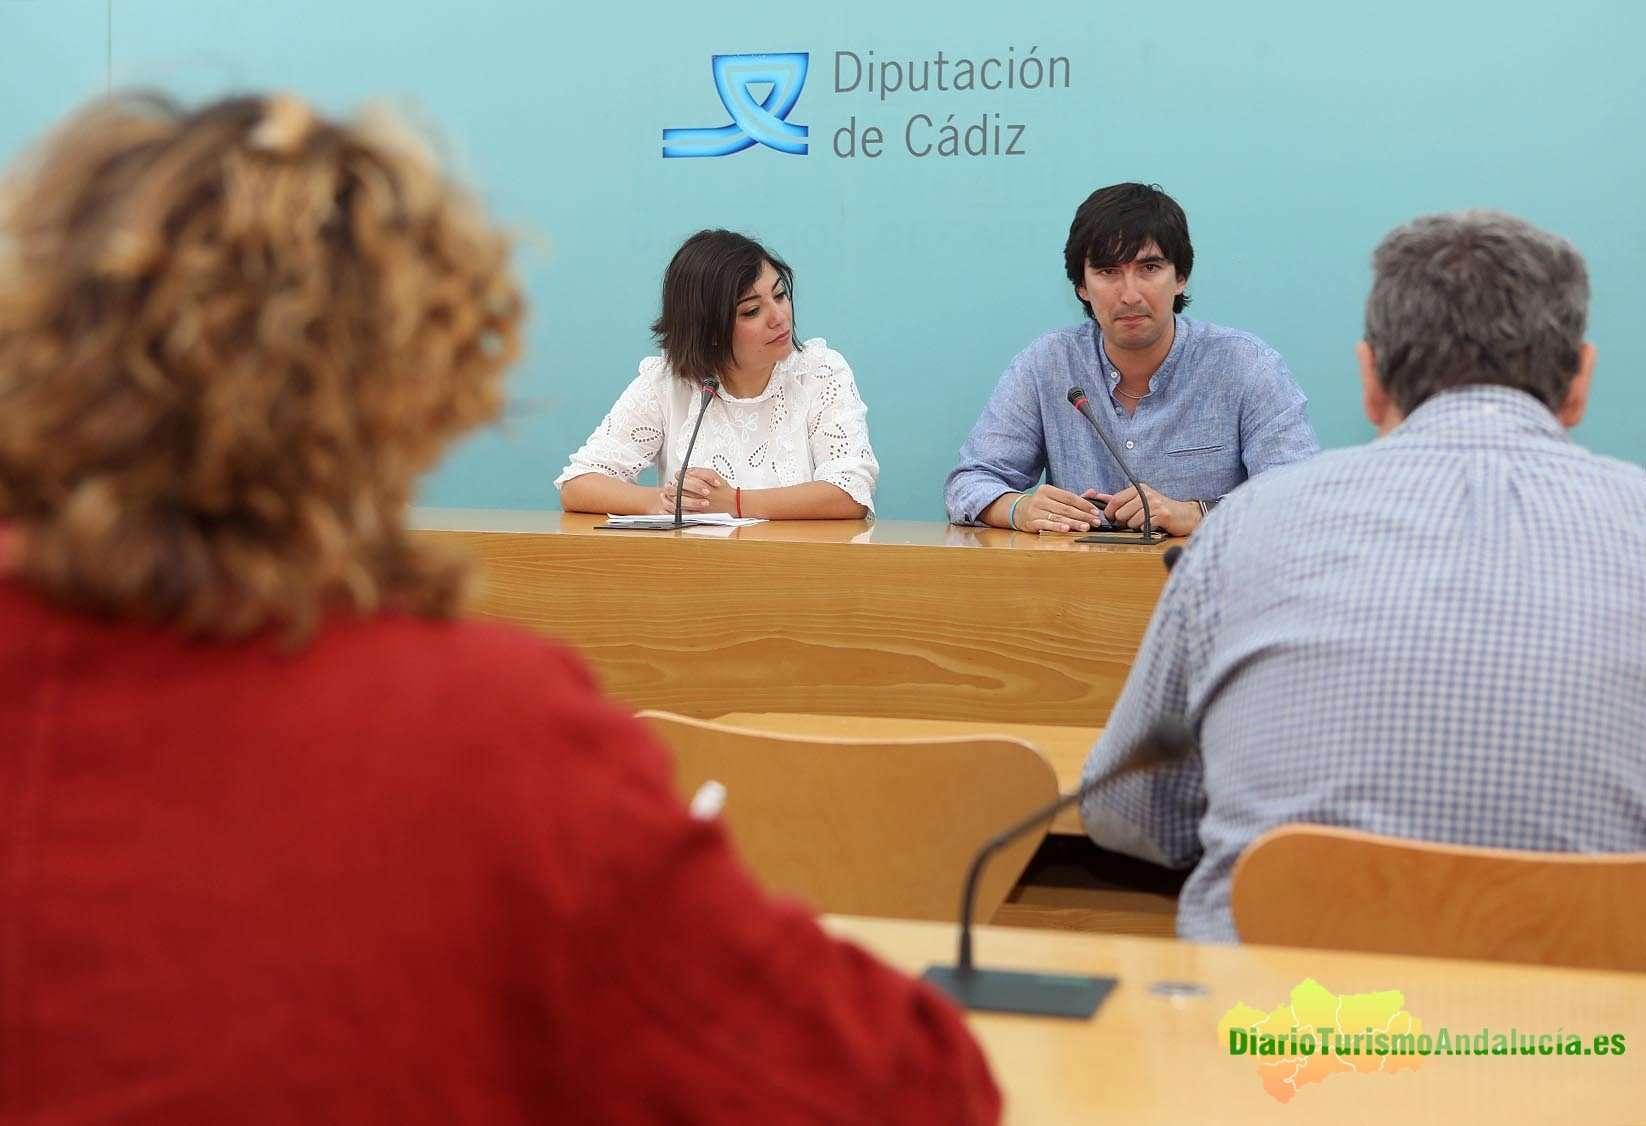 La diputada de Turismo Maria Dolores Varo ha presentado en la Diputación de Cádiz este proyecto, en compañía de Adrián Feria Madueño, doctor en Ciencias de la Actividad Física y del Deporte.